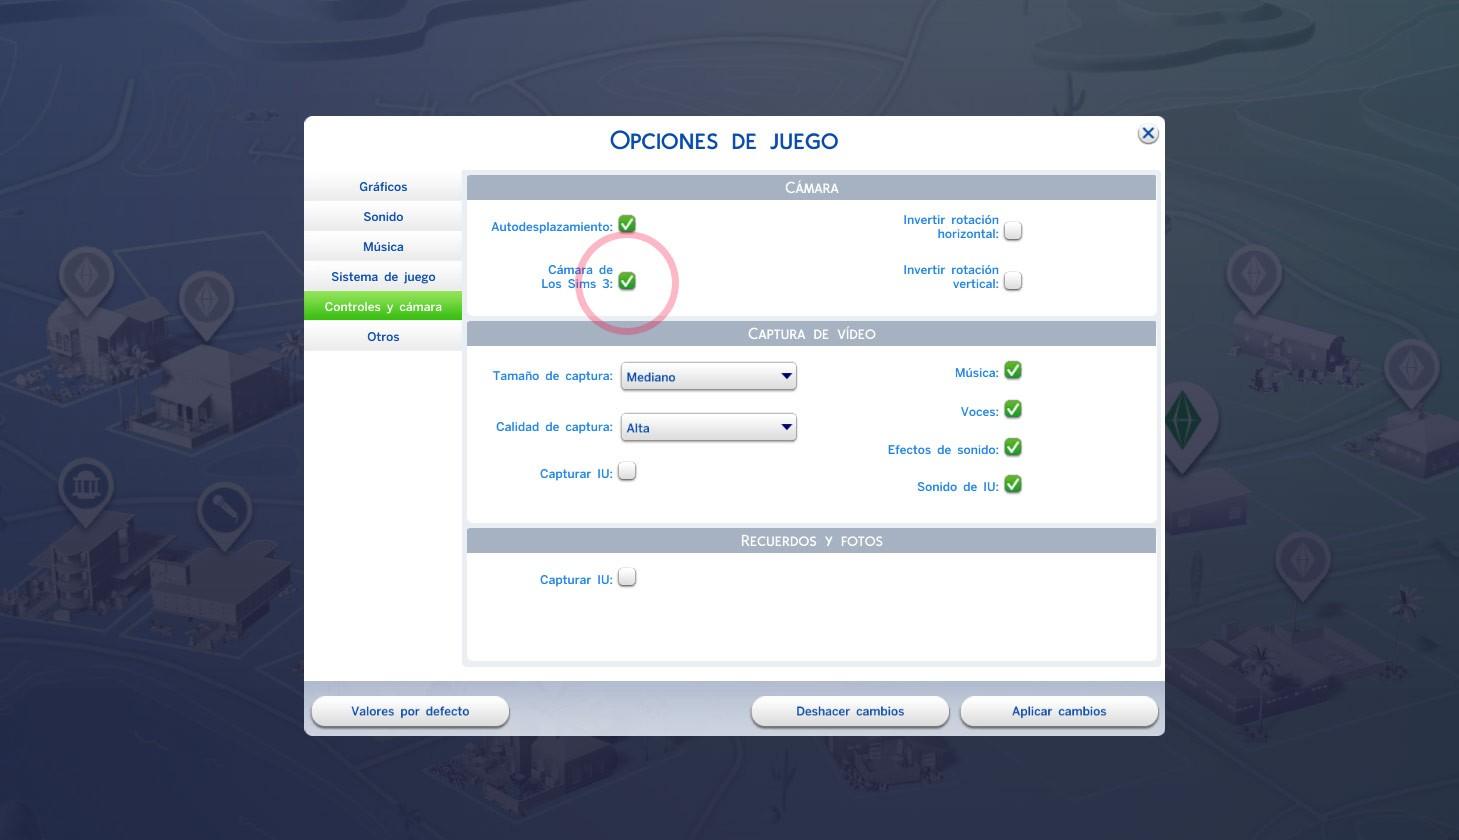 Actualización 24/09/2014 Los Sims 4